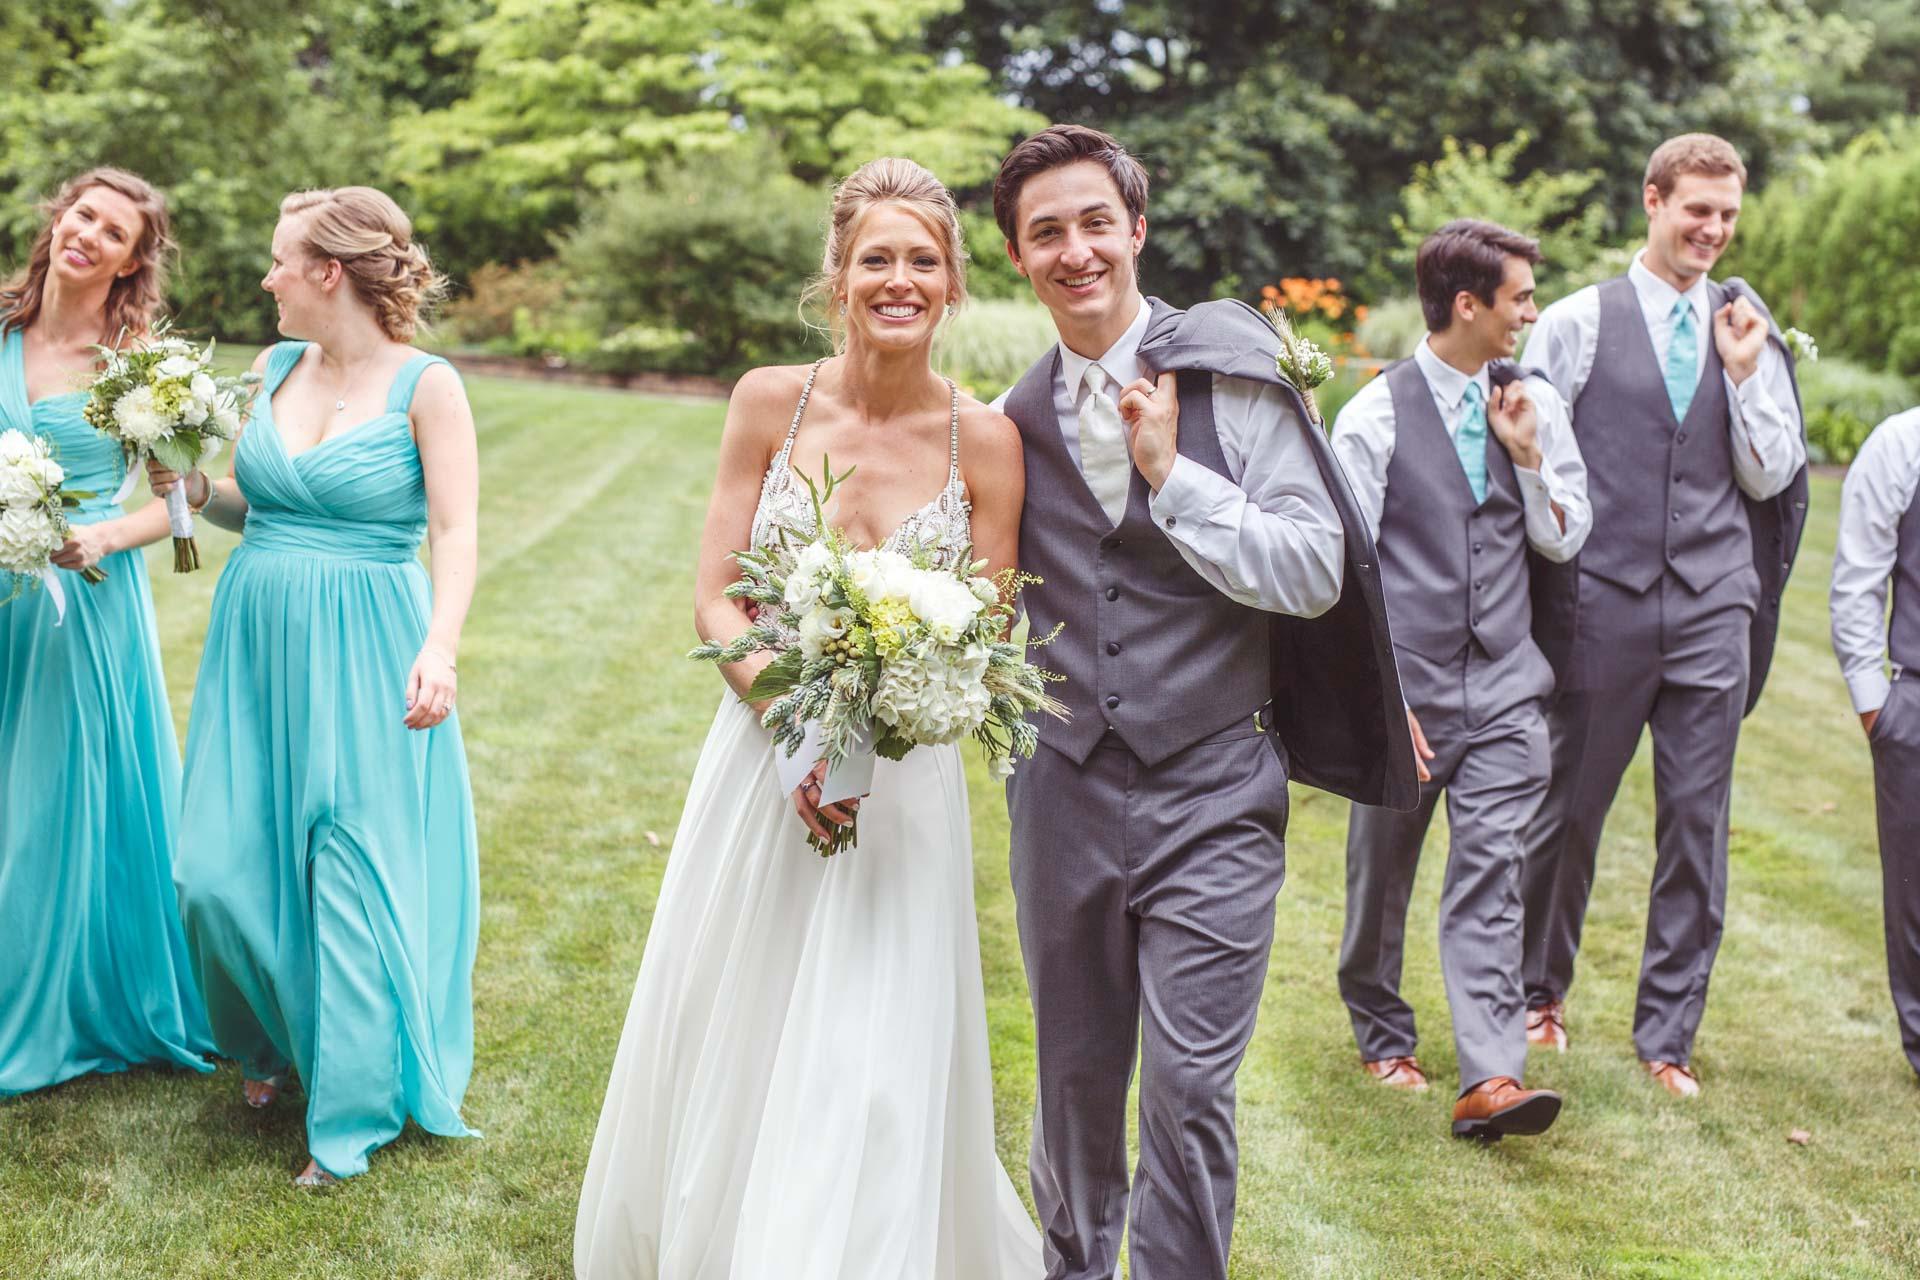 Farmington-Gardens-Wedding-Photos (38 of 66).jpg